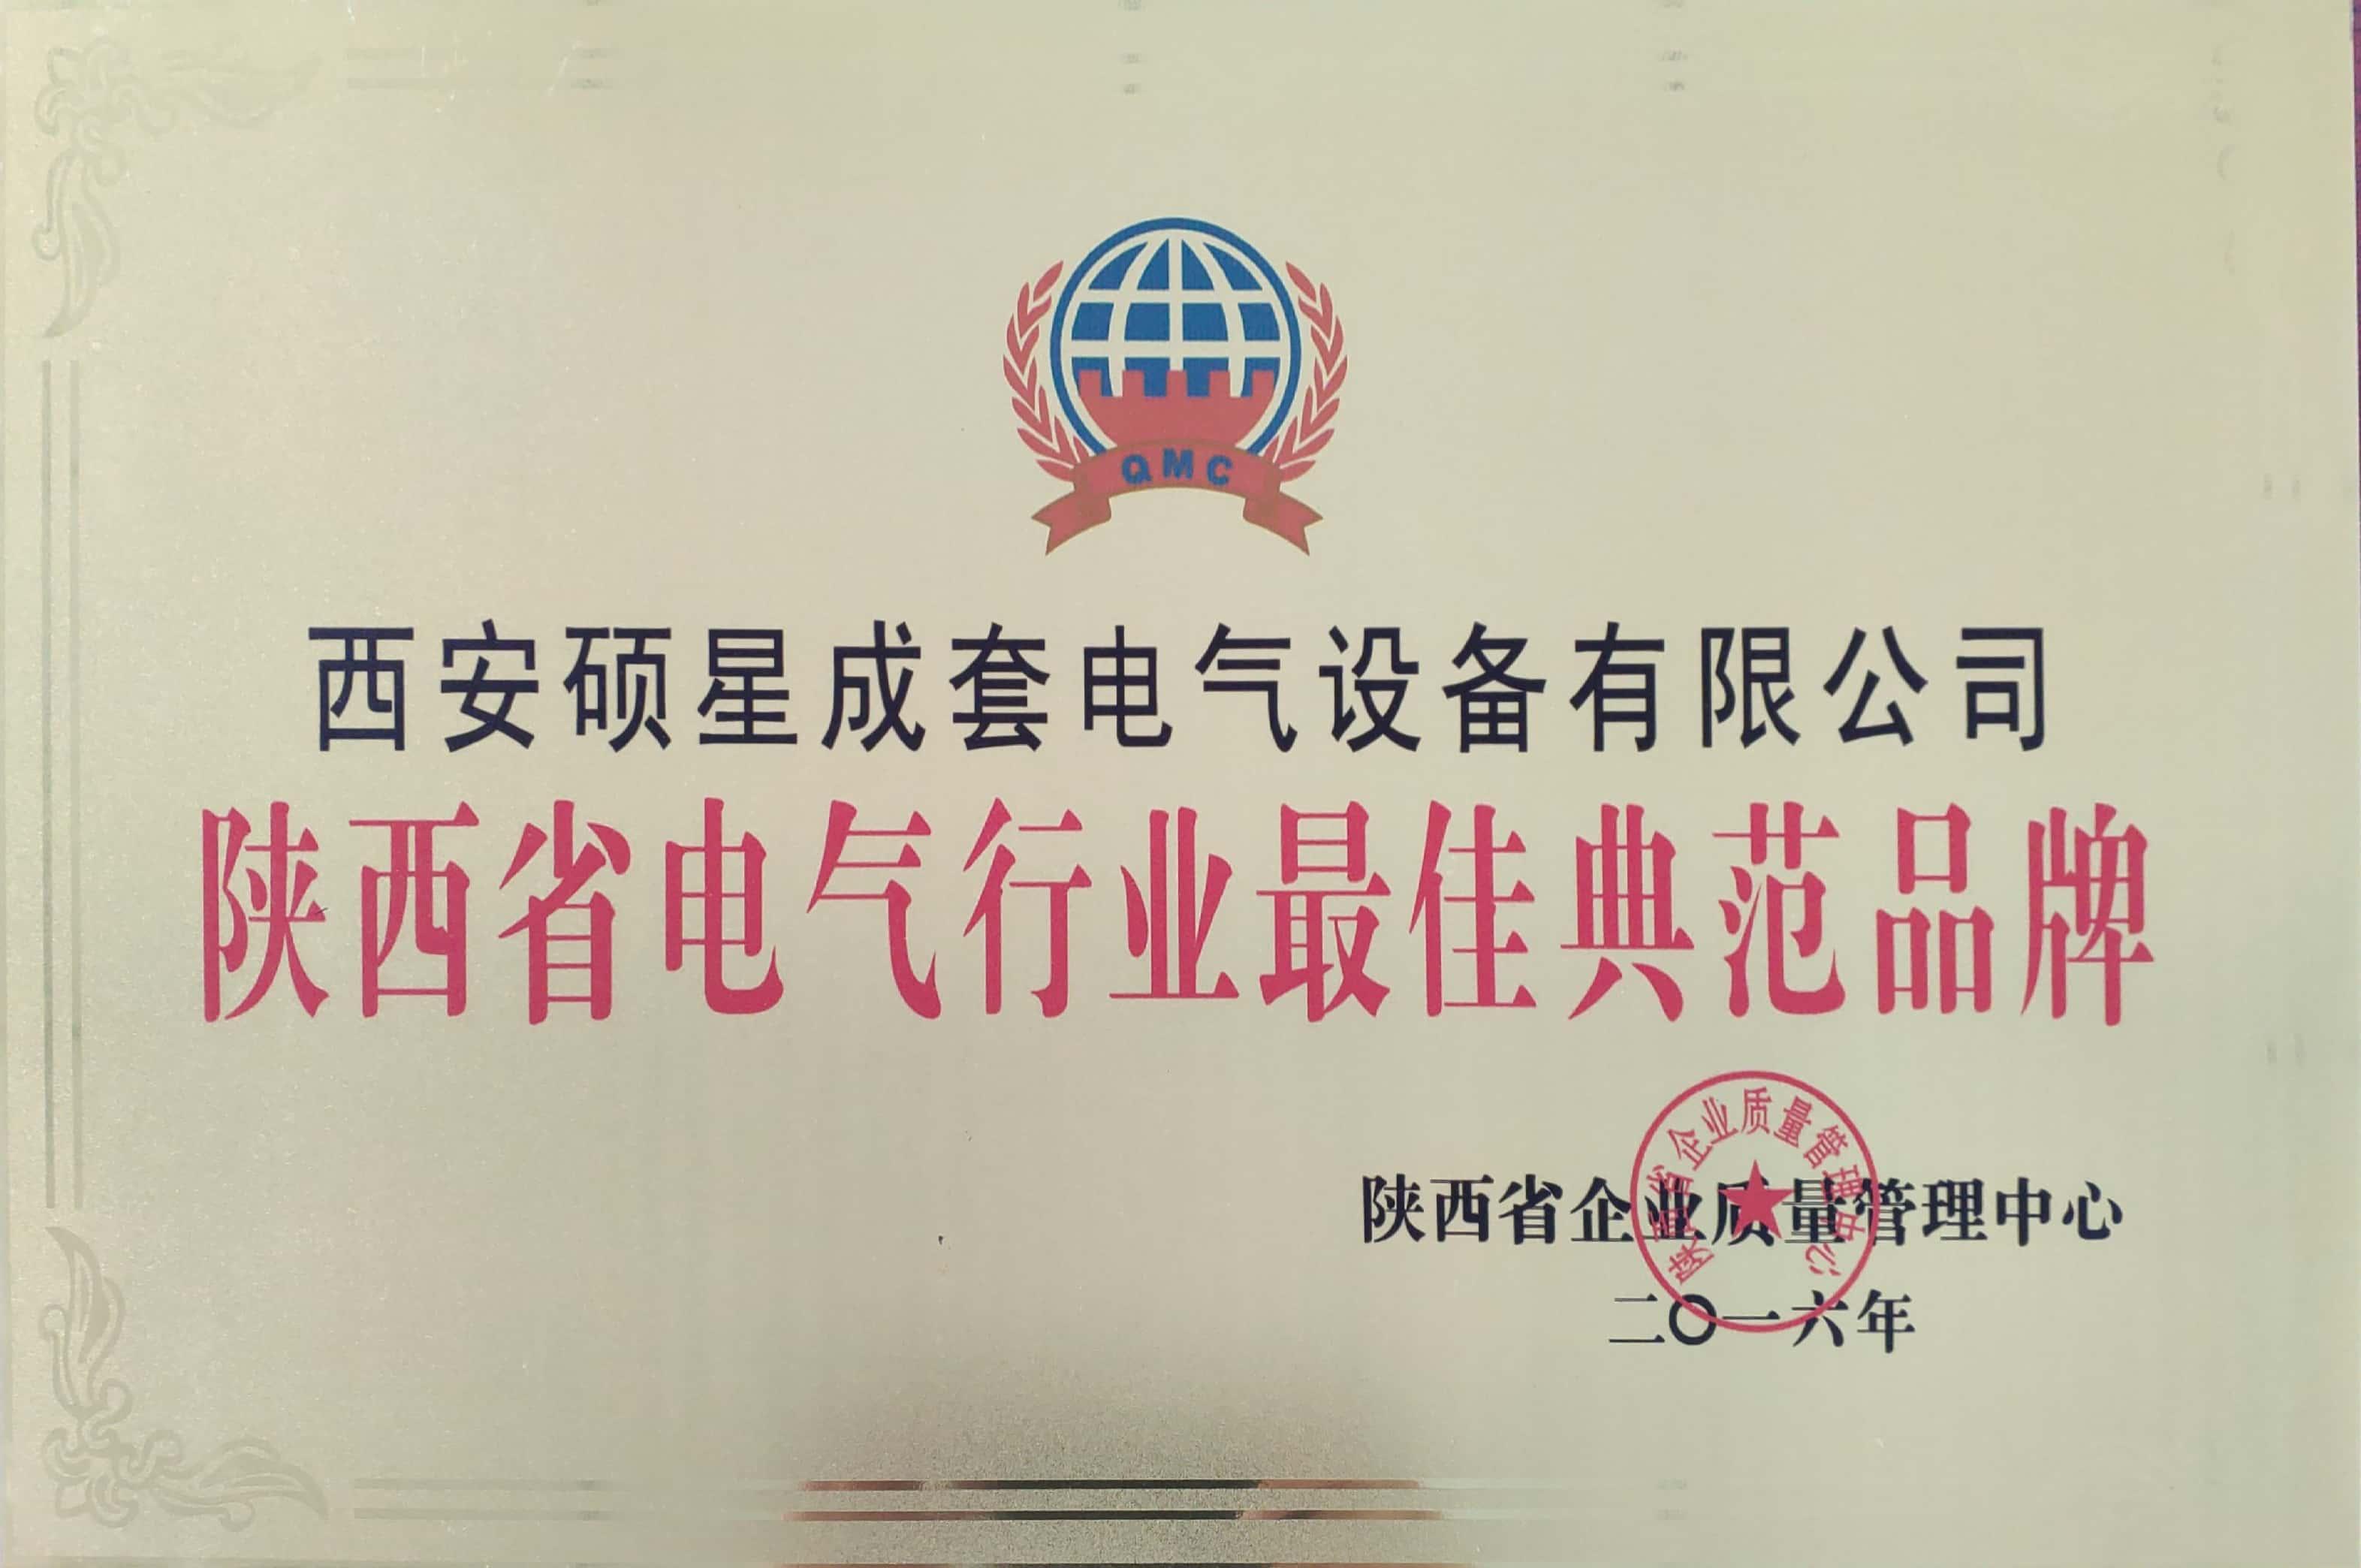 陝西省電氣行業典範品牌